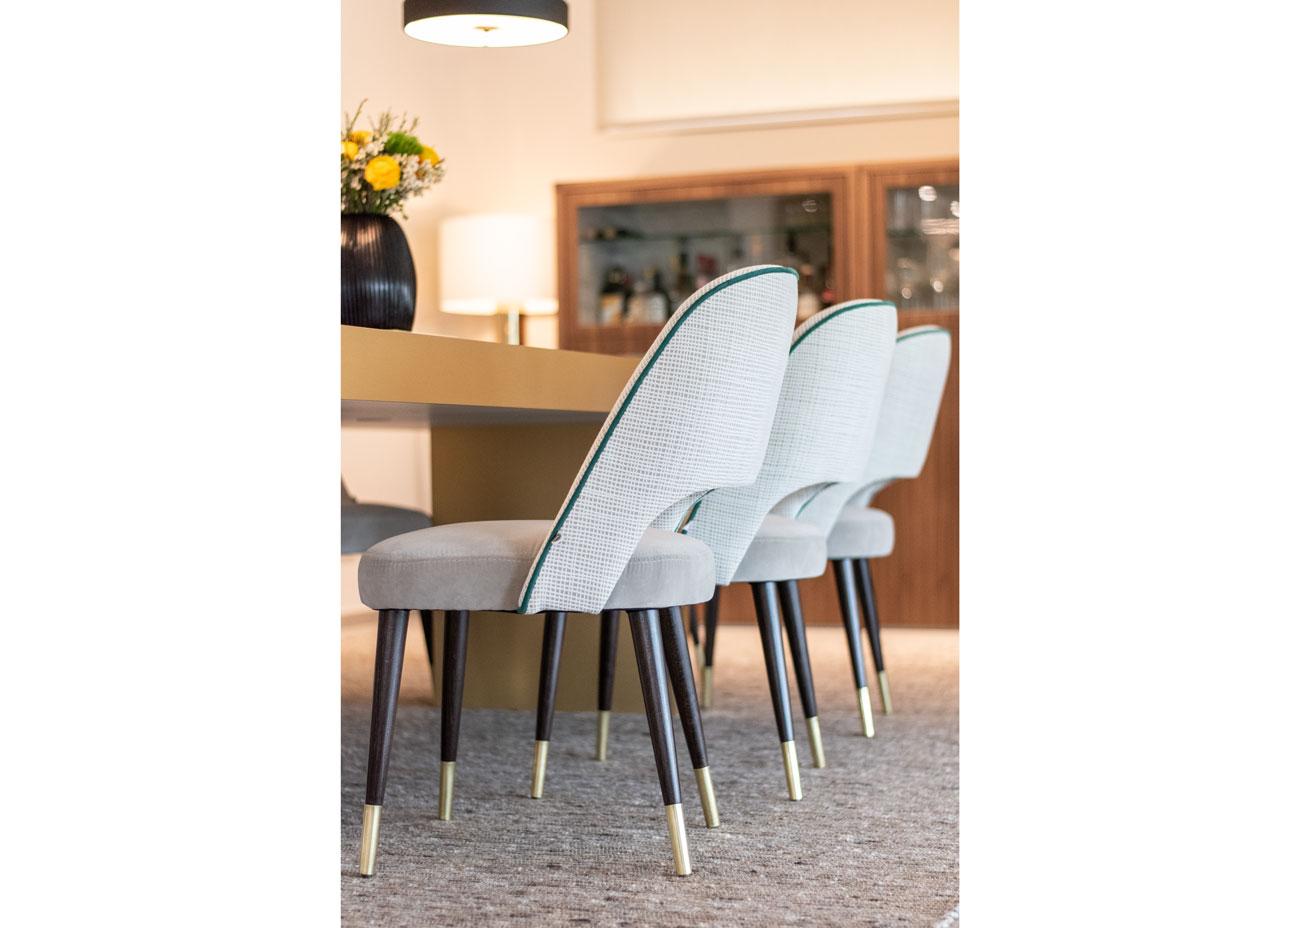 haus einrichten essbereich tisch stühle Vase mit blumen teppich kommode